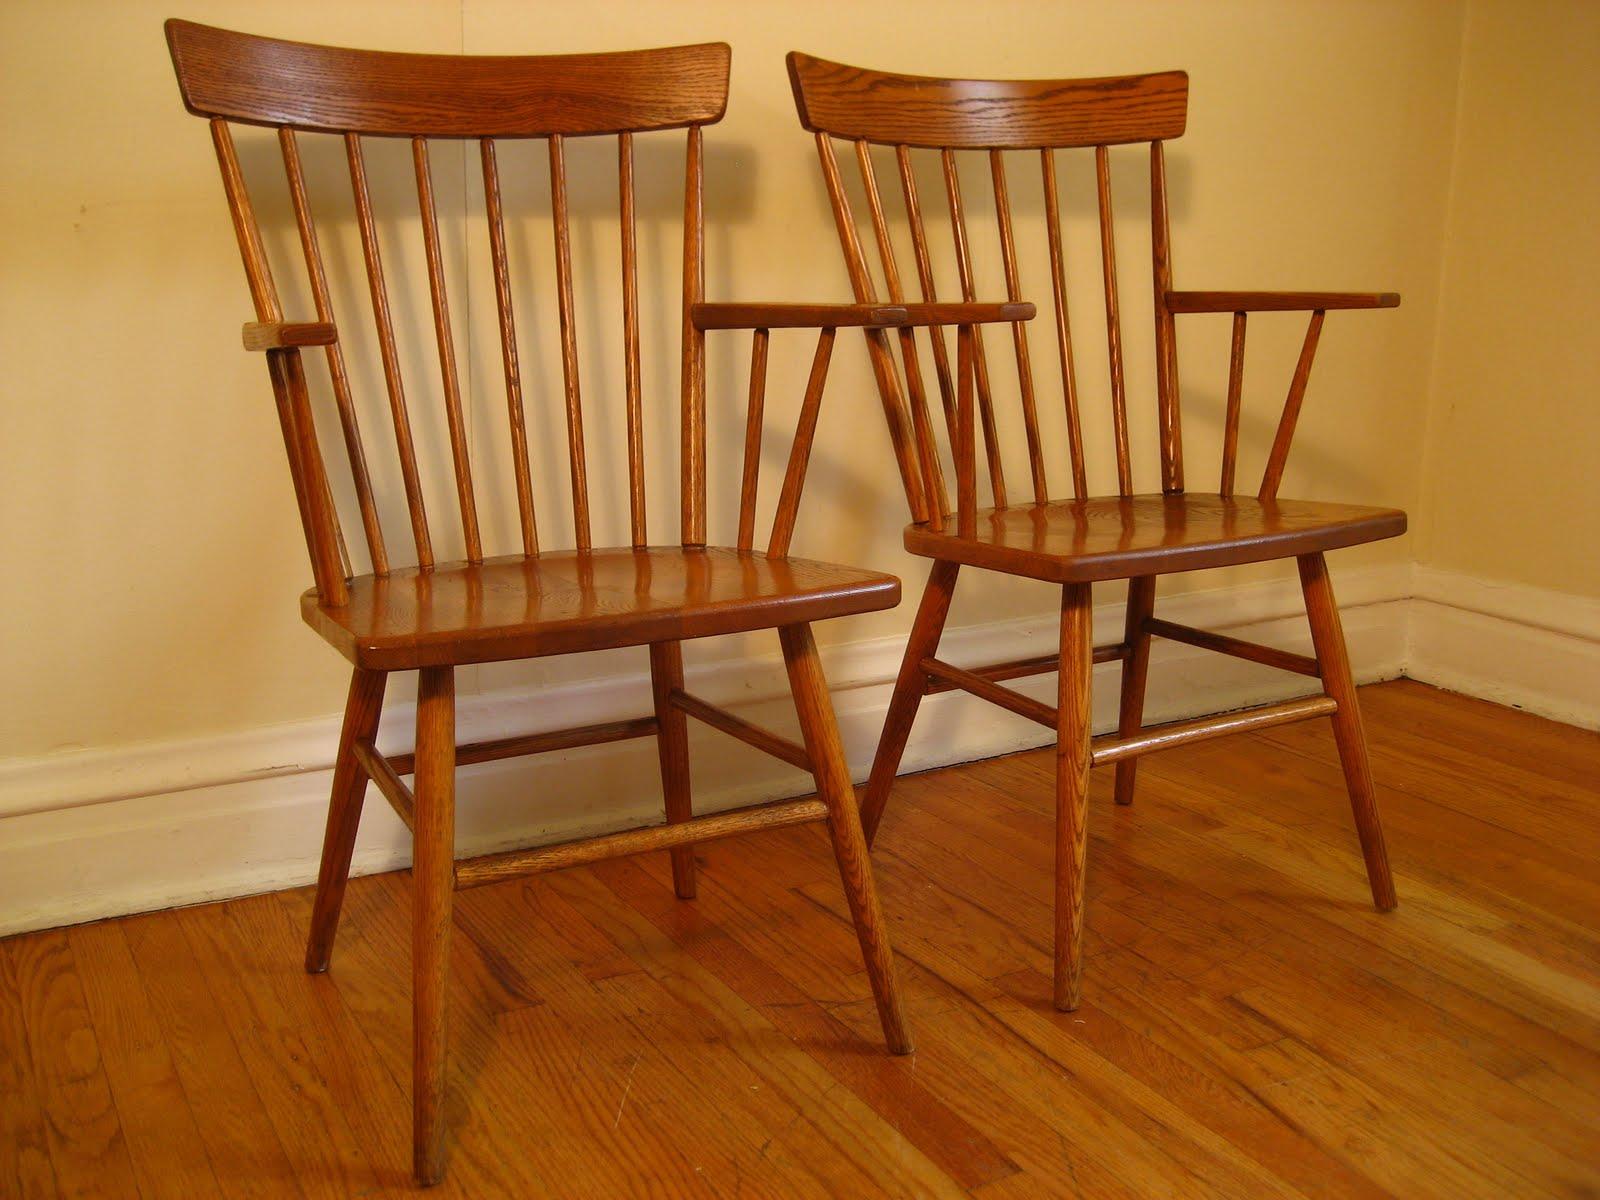 conant ball chair wheelchair guy that died flatout design chairs